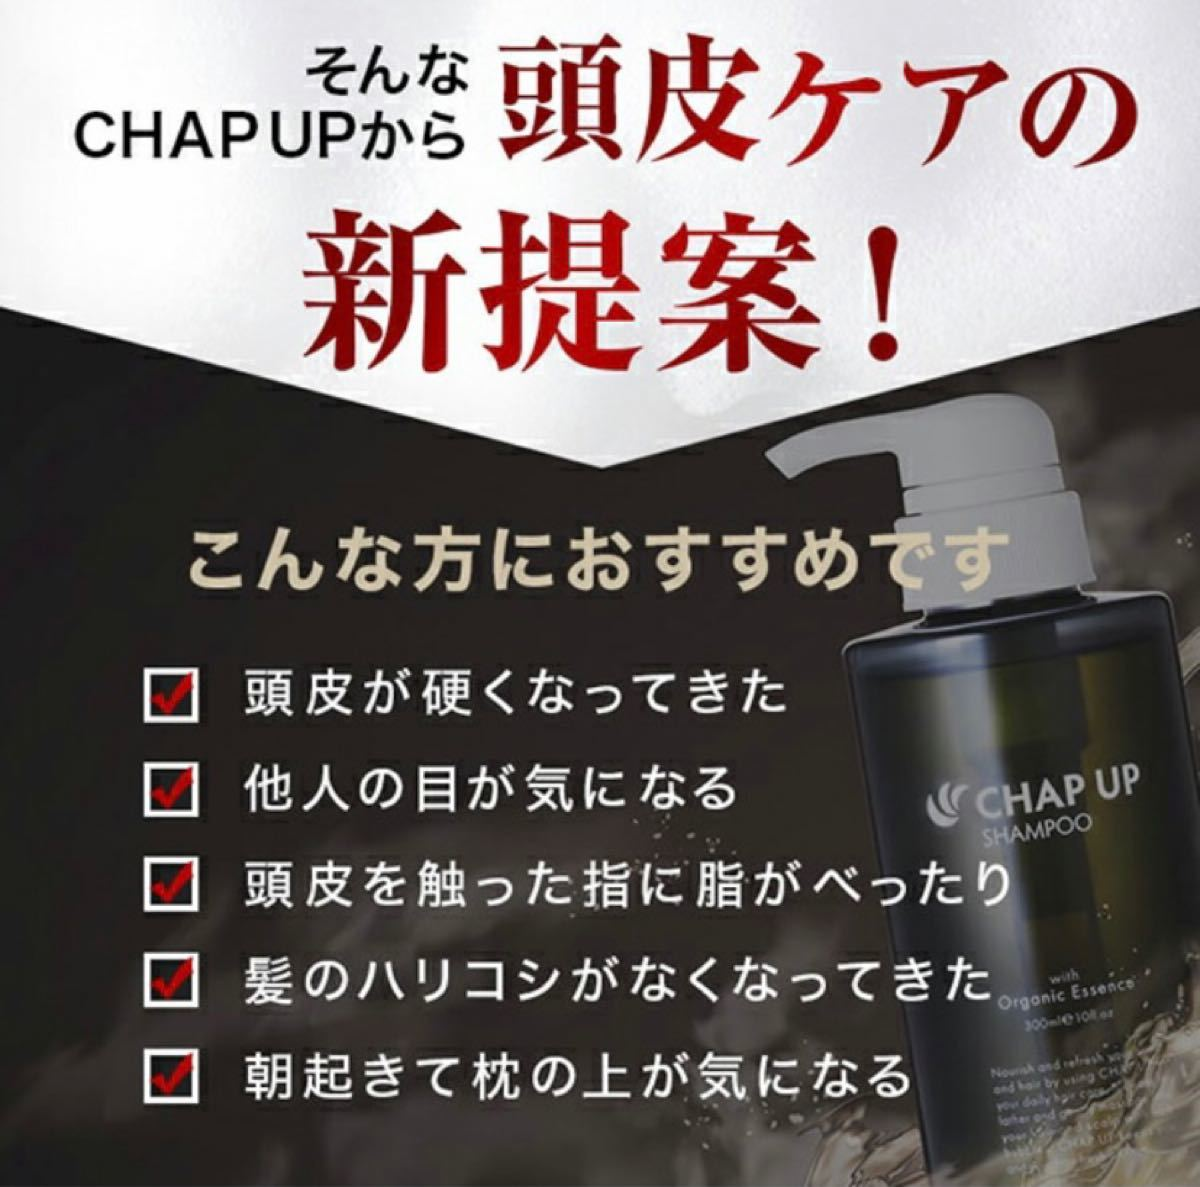 ノンシリコンアミノ酸弱酸性 CHAP UP チャップアップシャンプー 3本セット